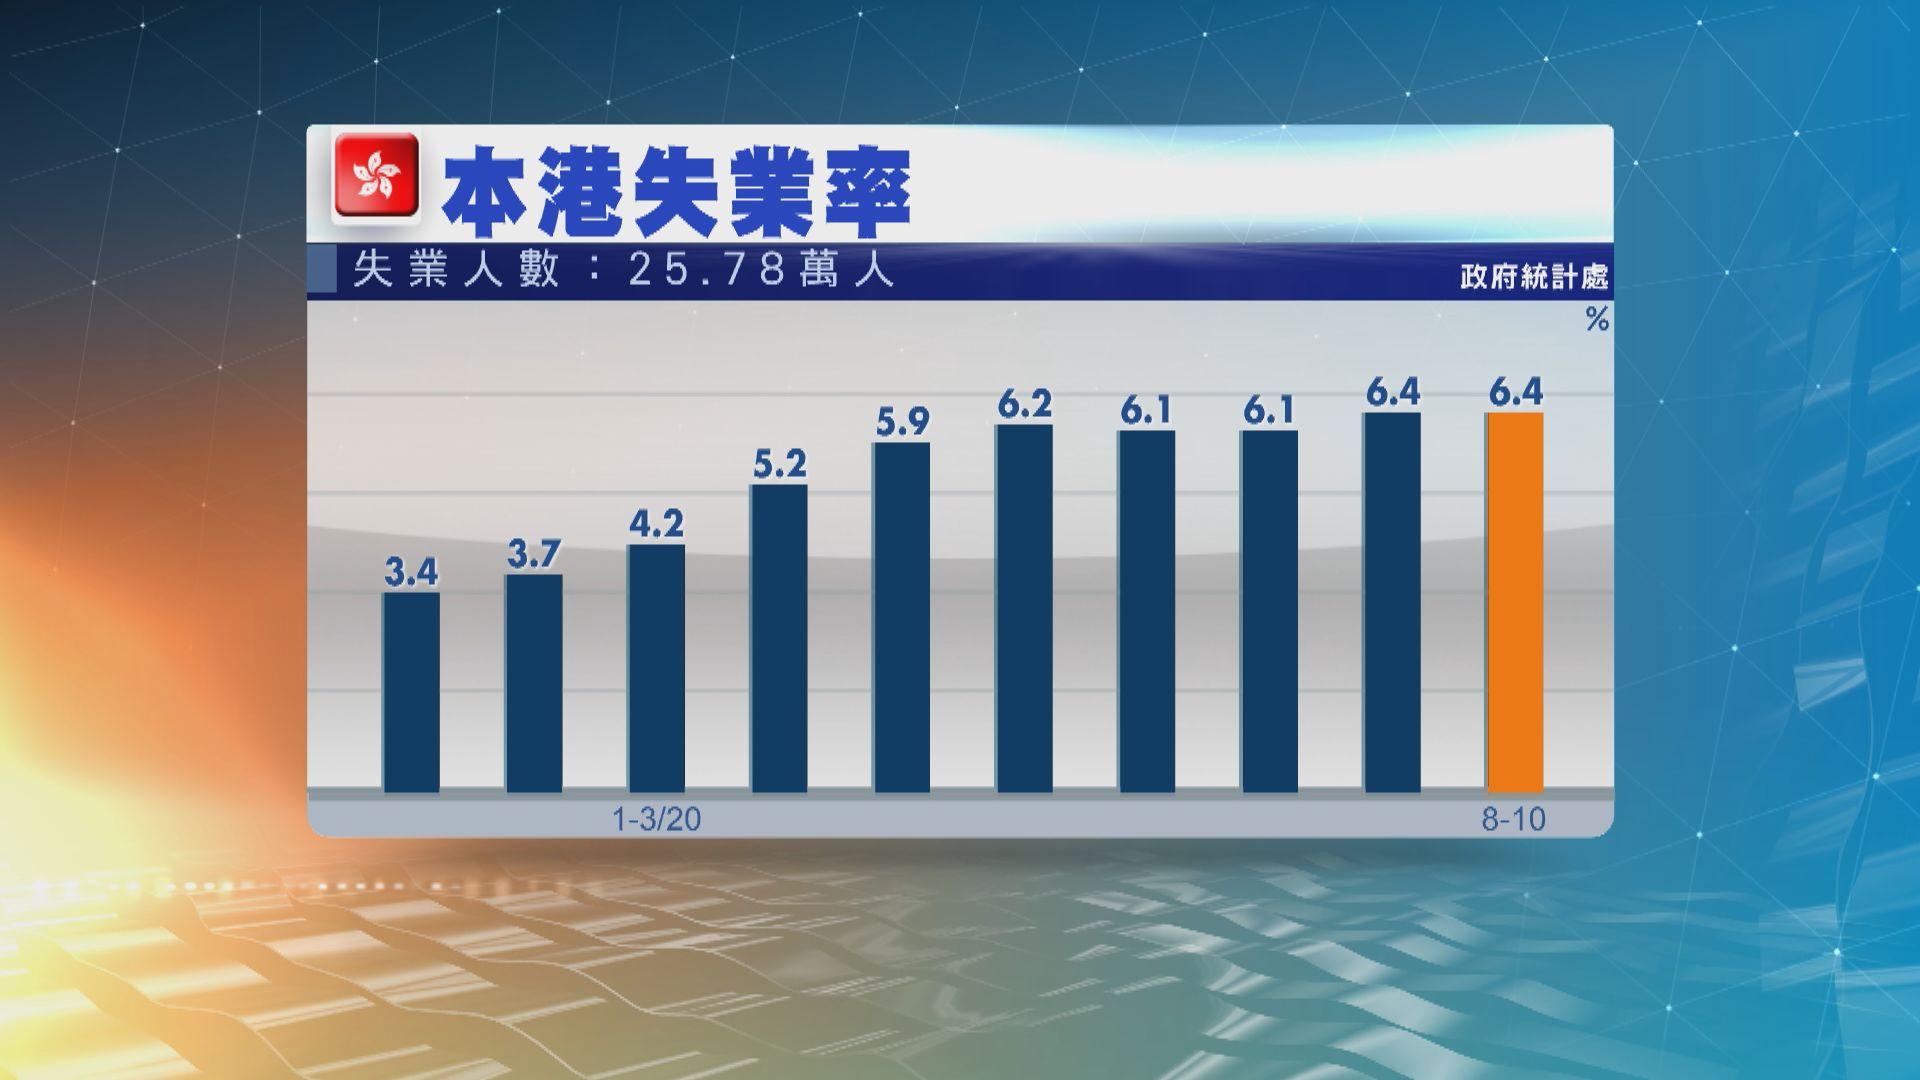 本港最新失業率維持6.4% 近26萬人失業